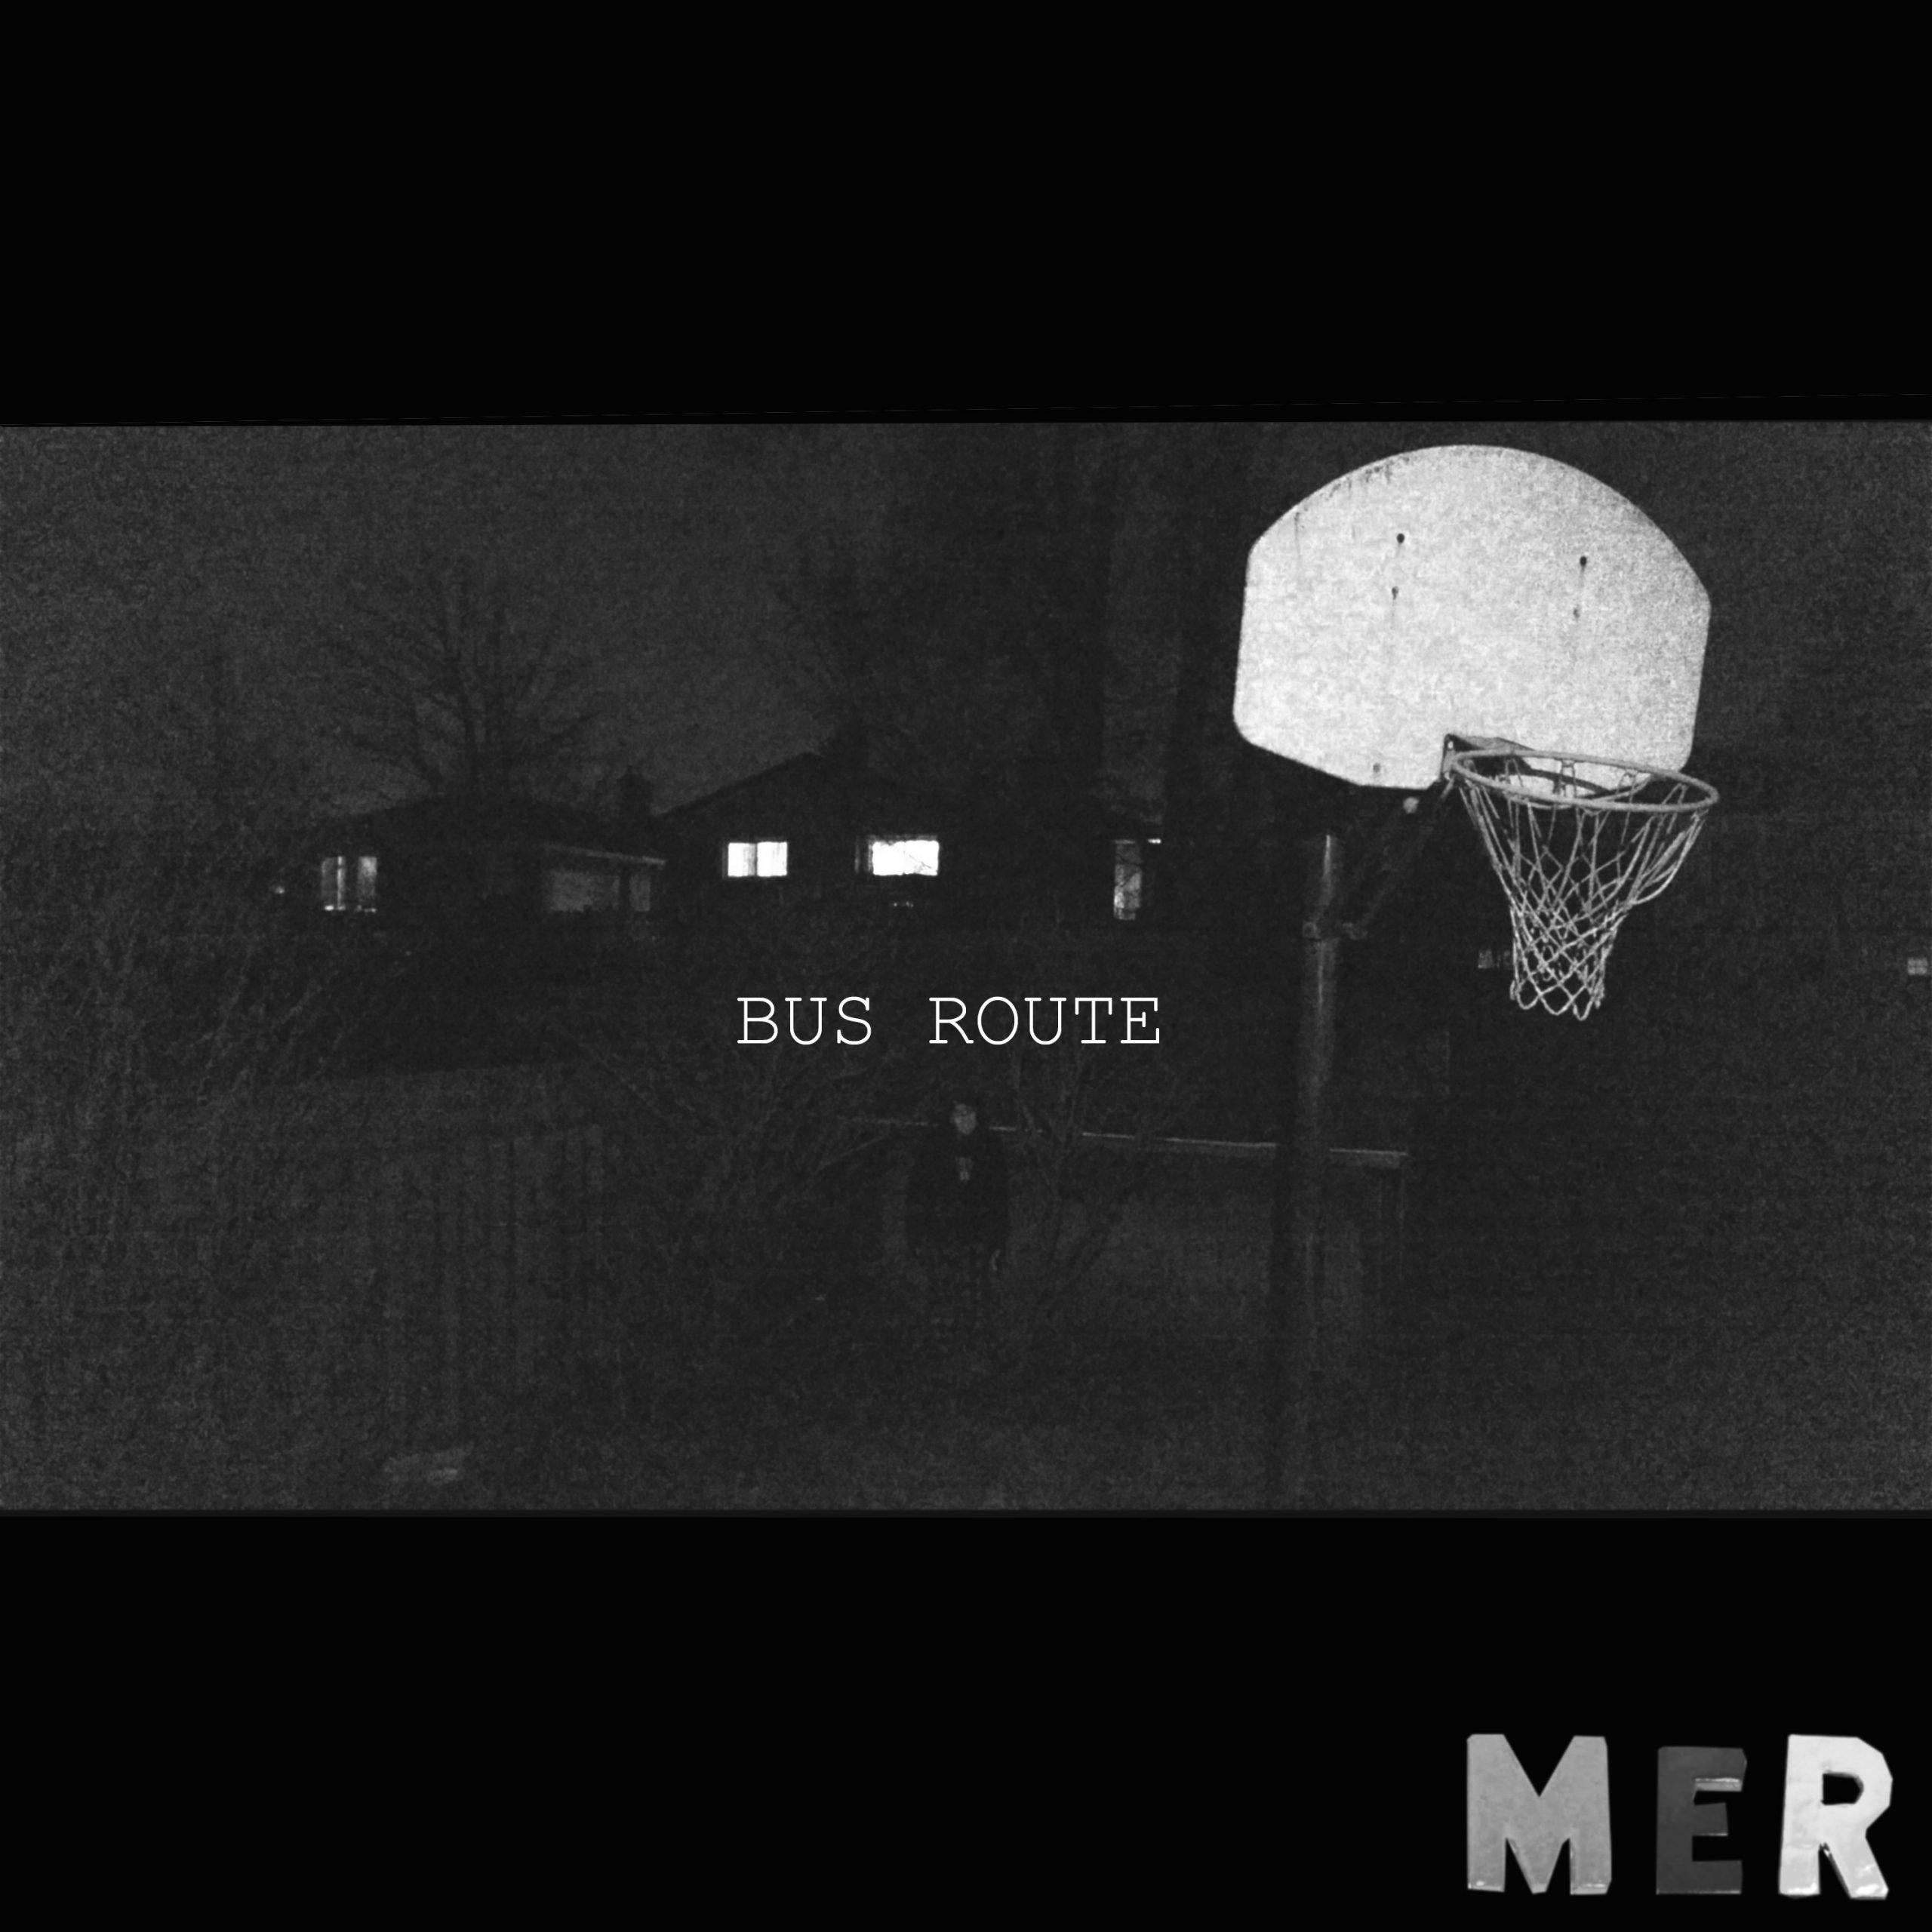 Bus Route (SINGLE)